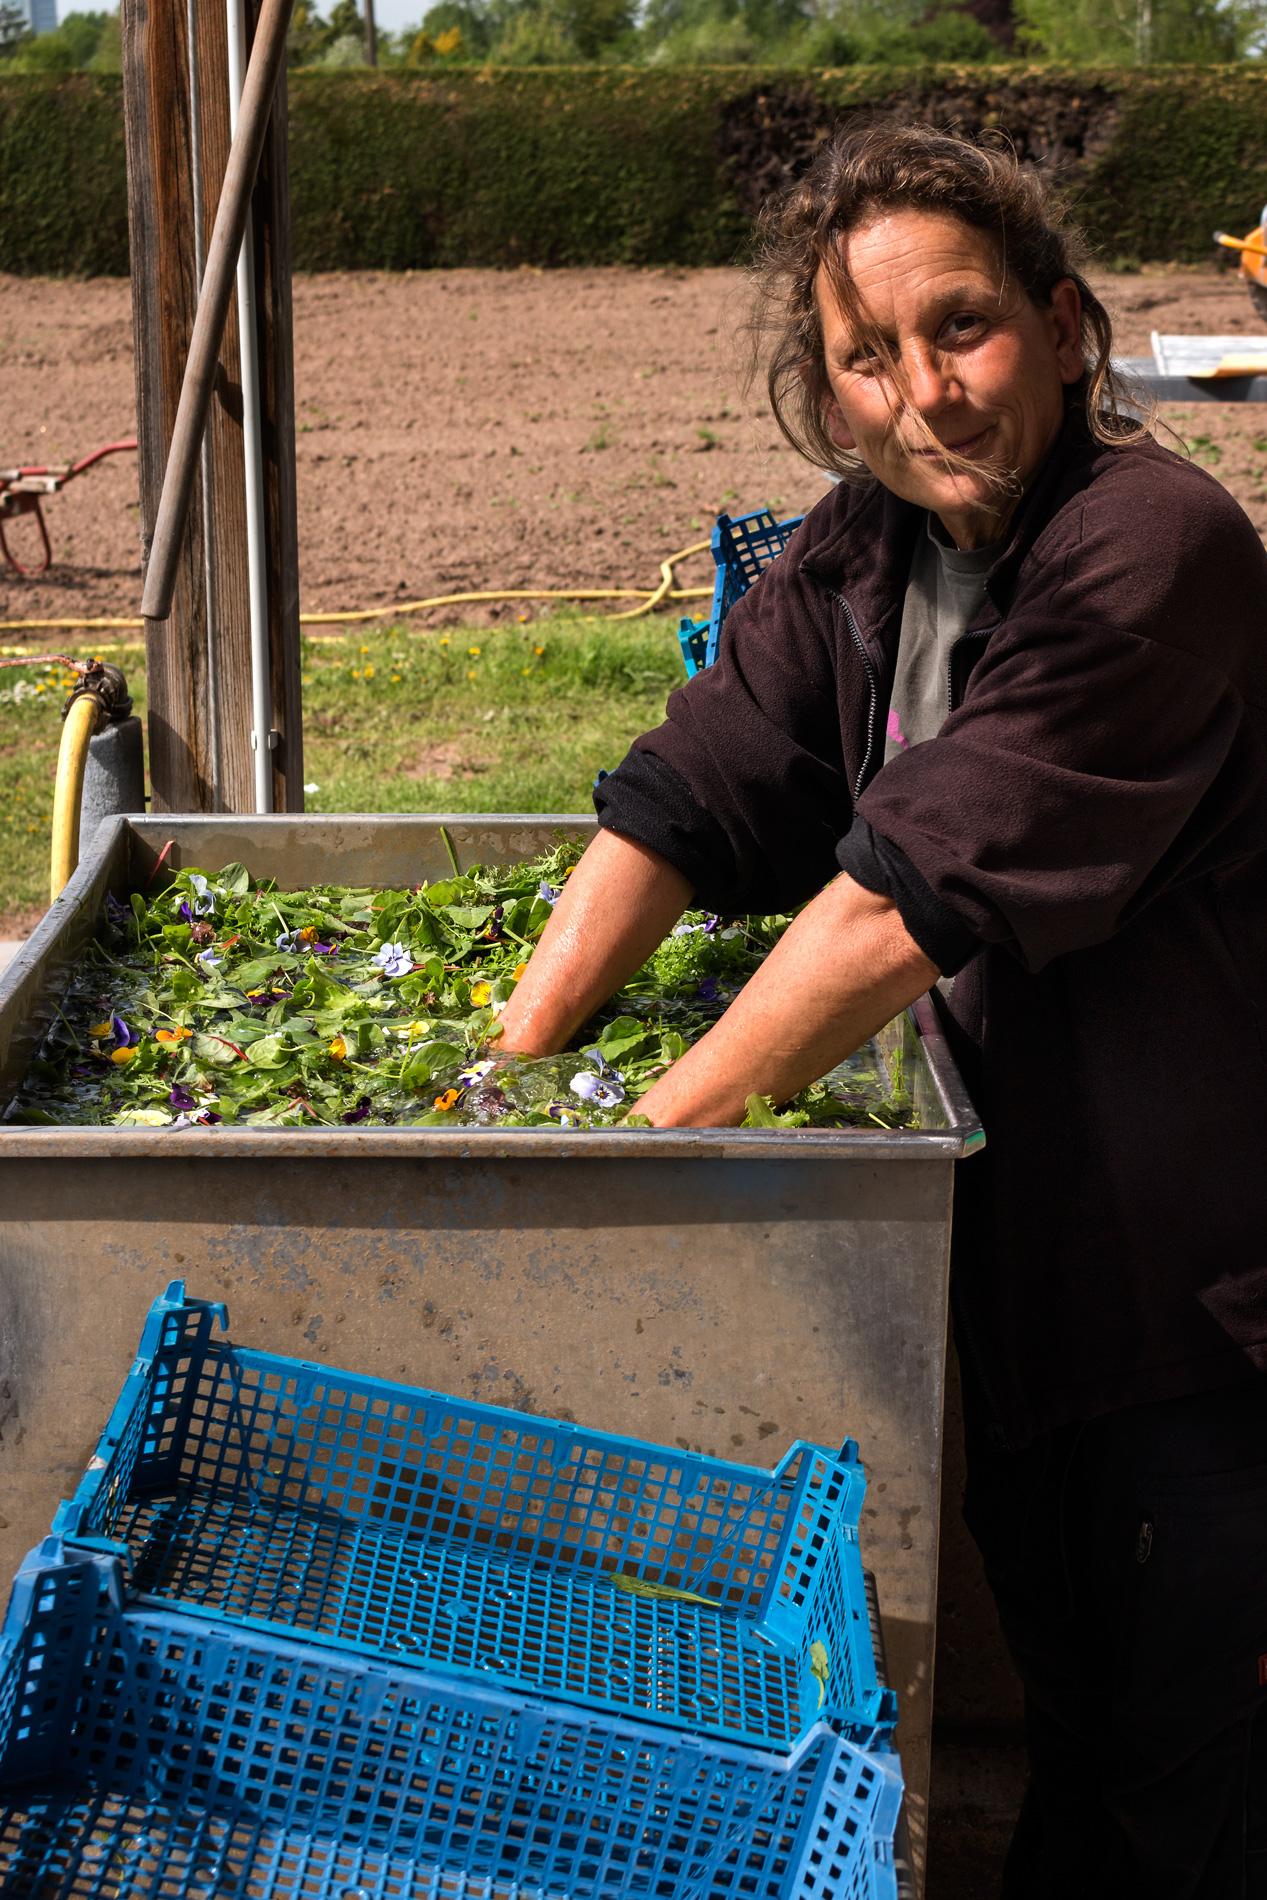 Ulrike wäscht Blütensalat